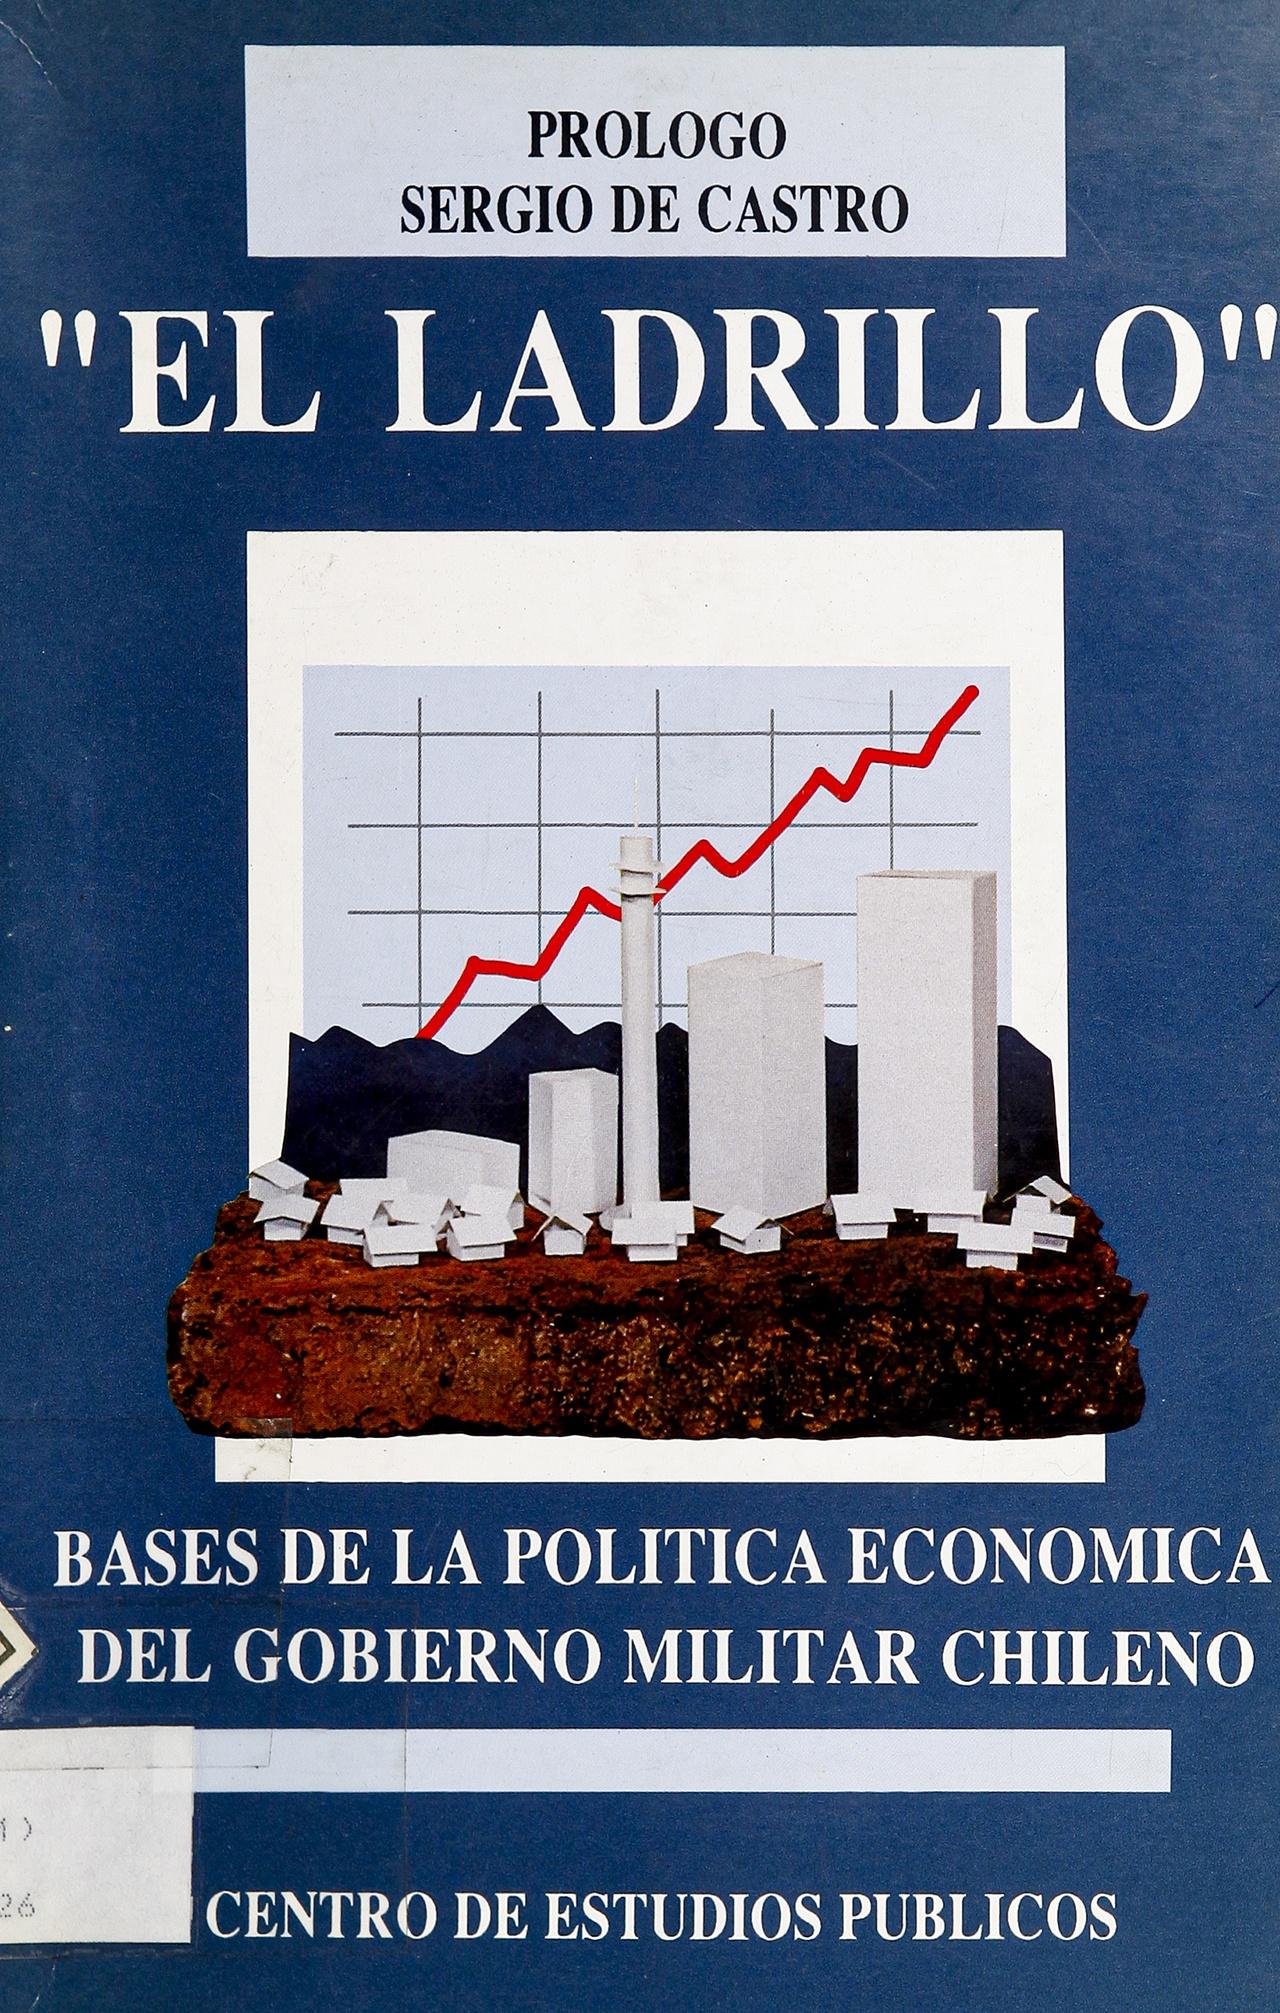 Исследование «El ladrillo» было настольной книгой новой власти.